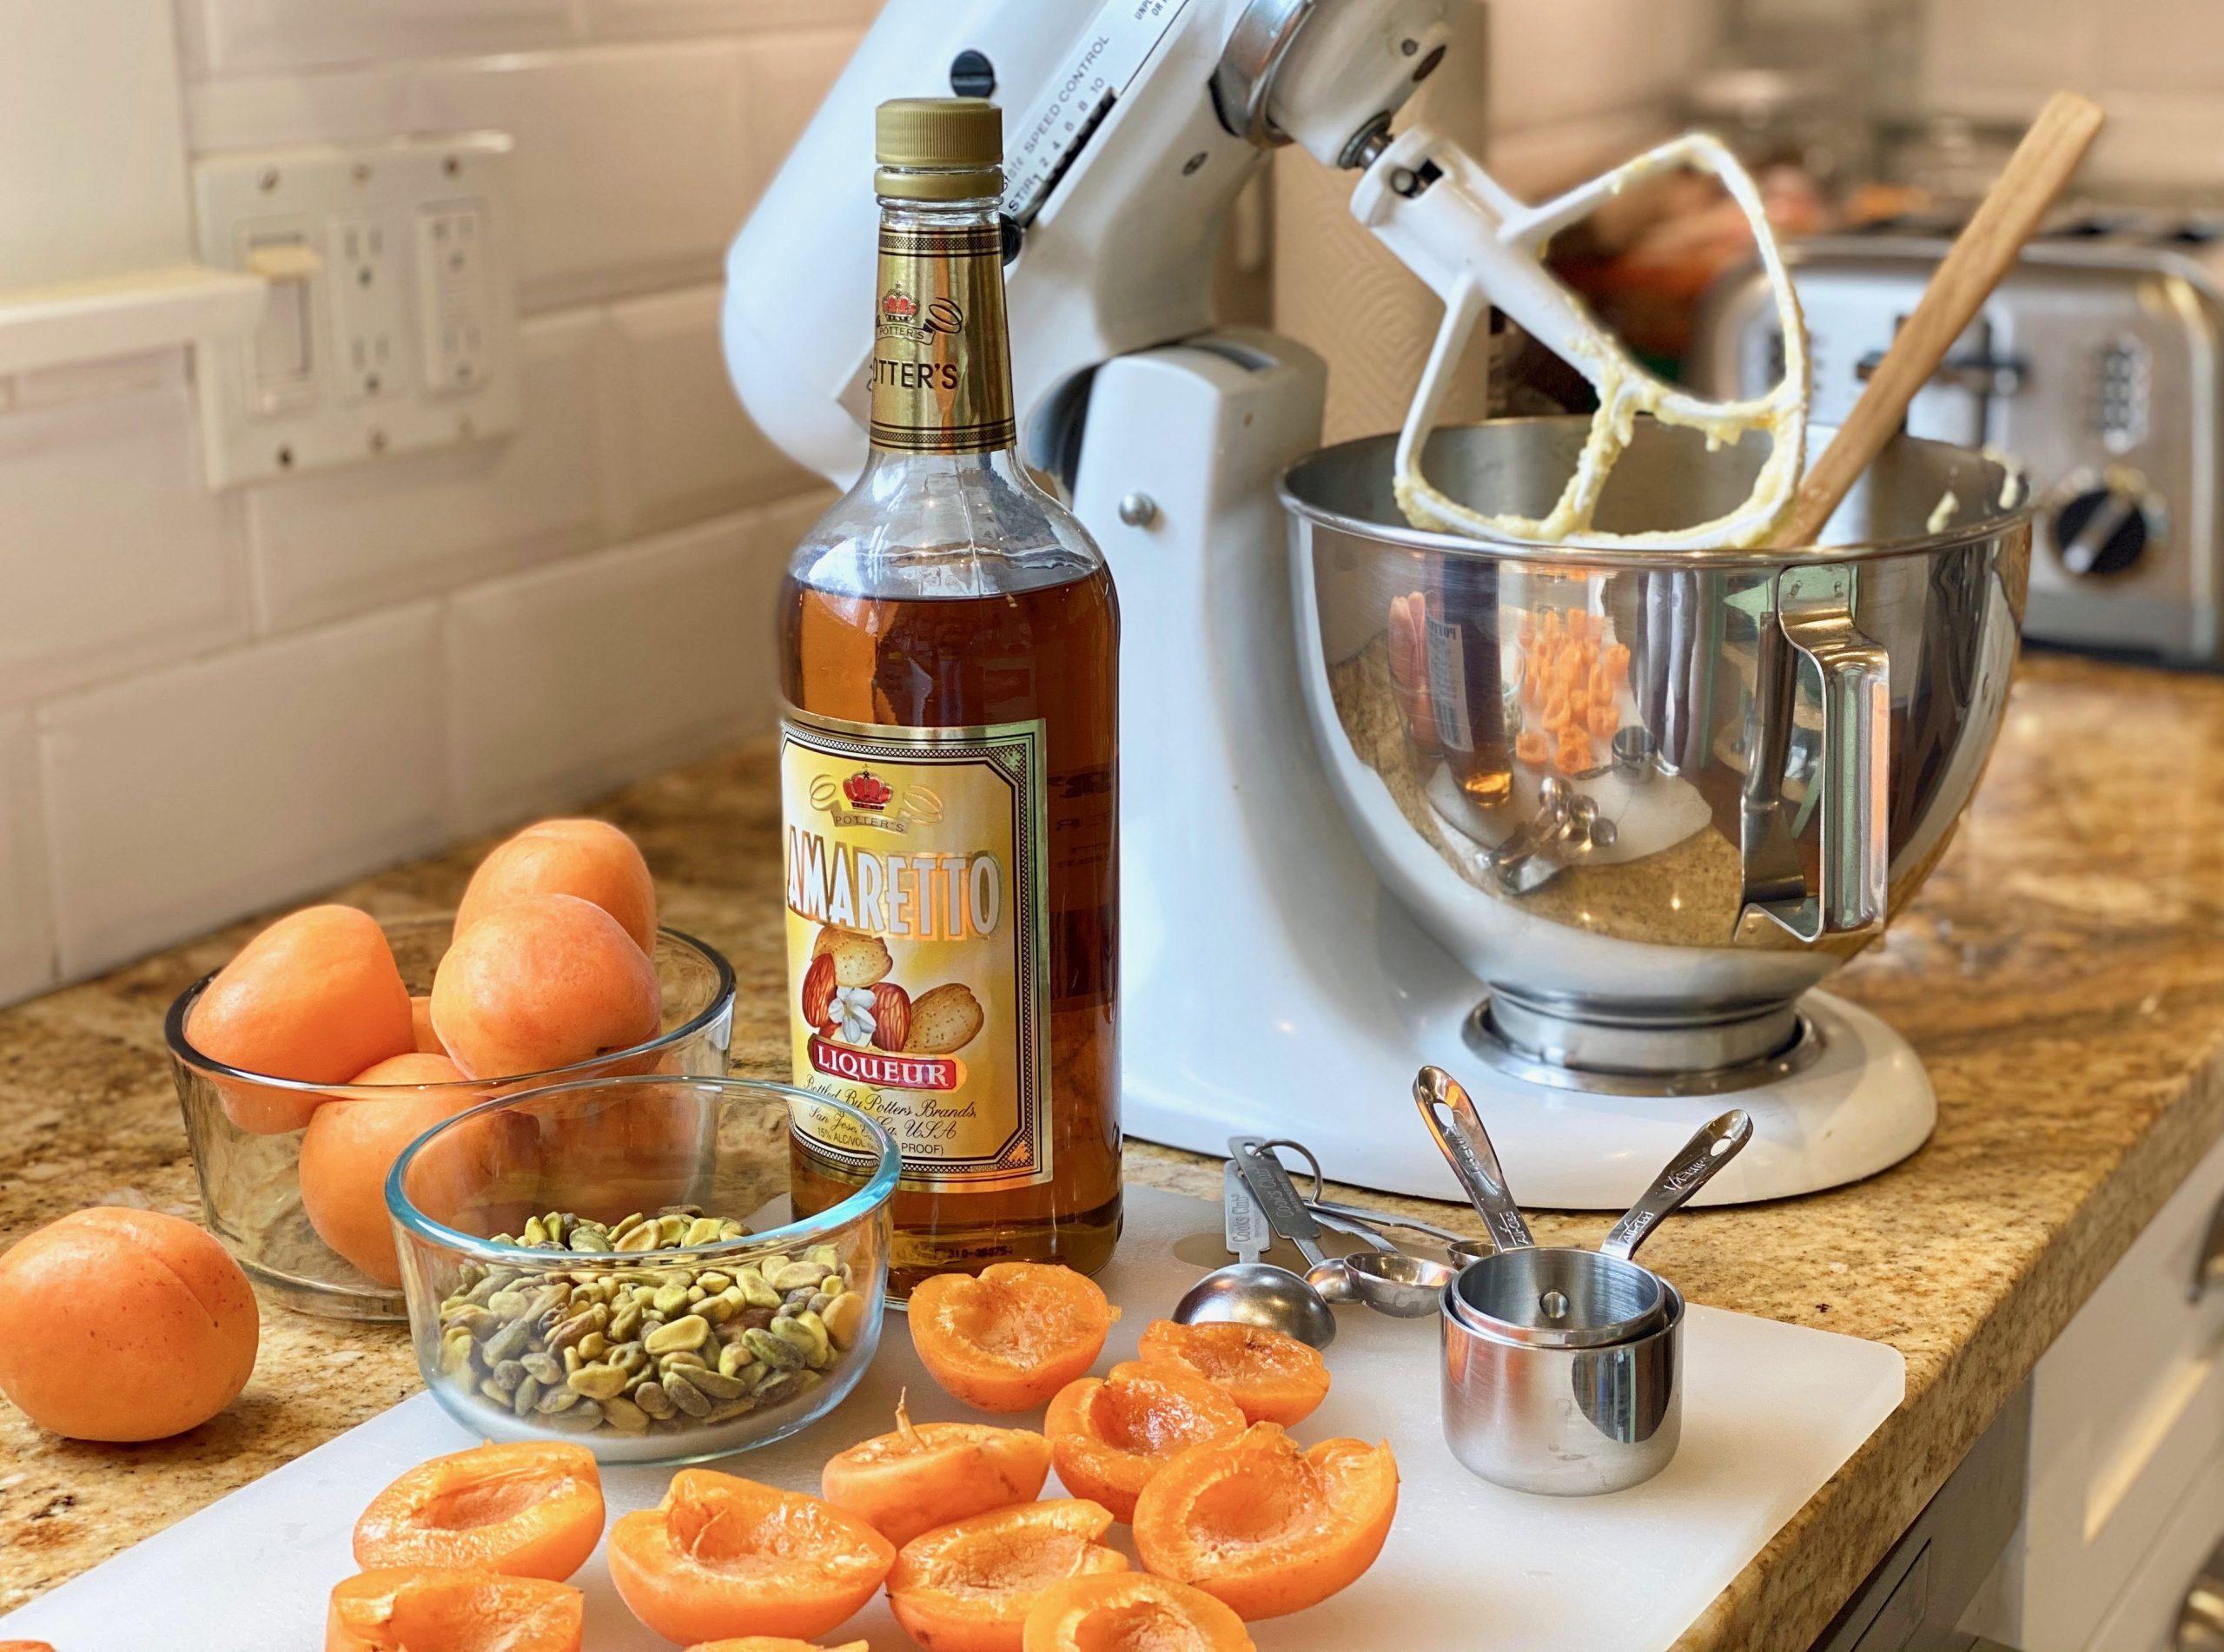 Amaretto liqueur with apricots, pistachio nuts and a kitchen mixer.